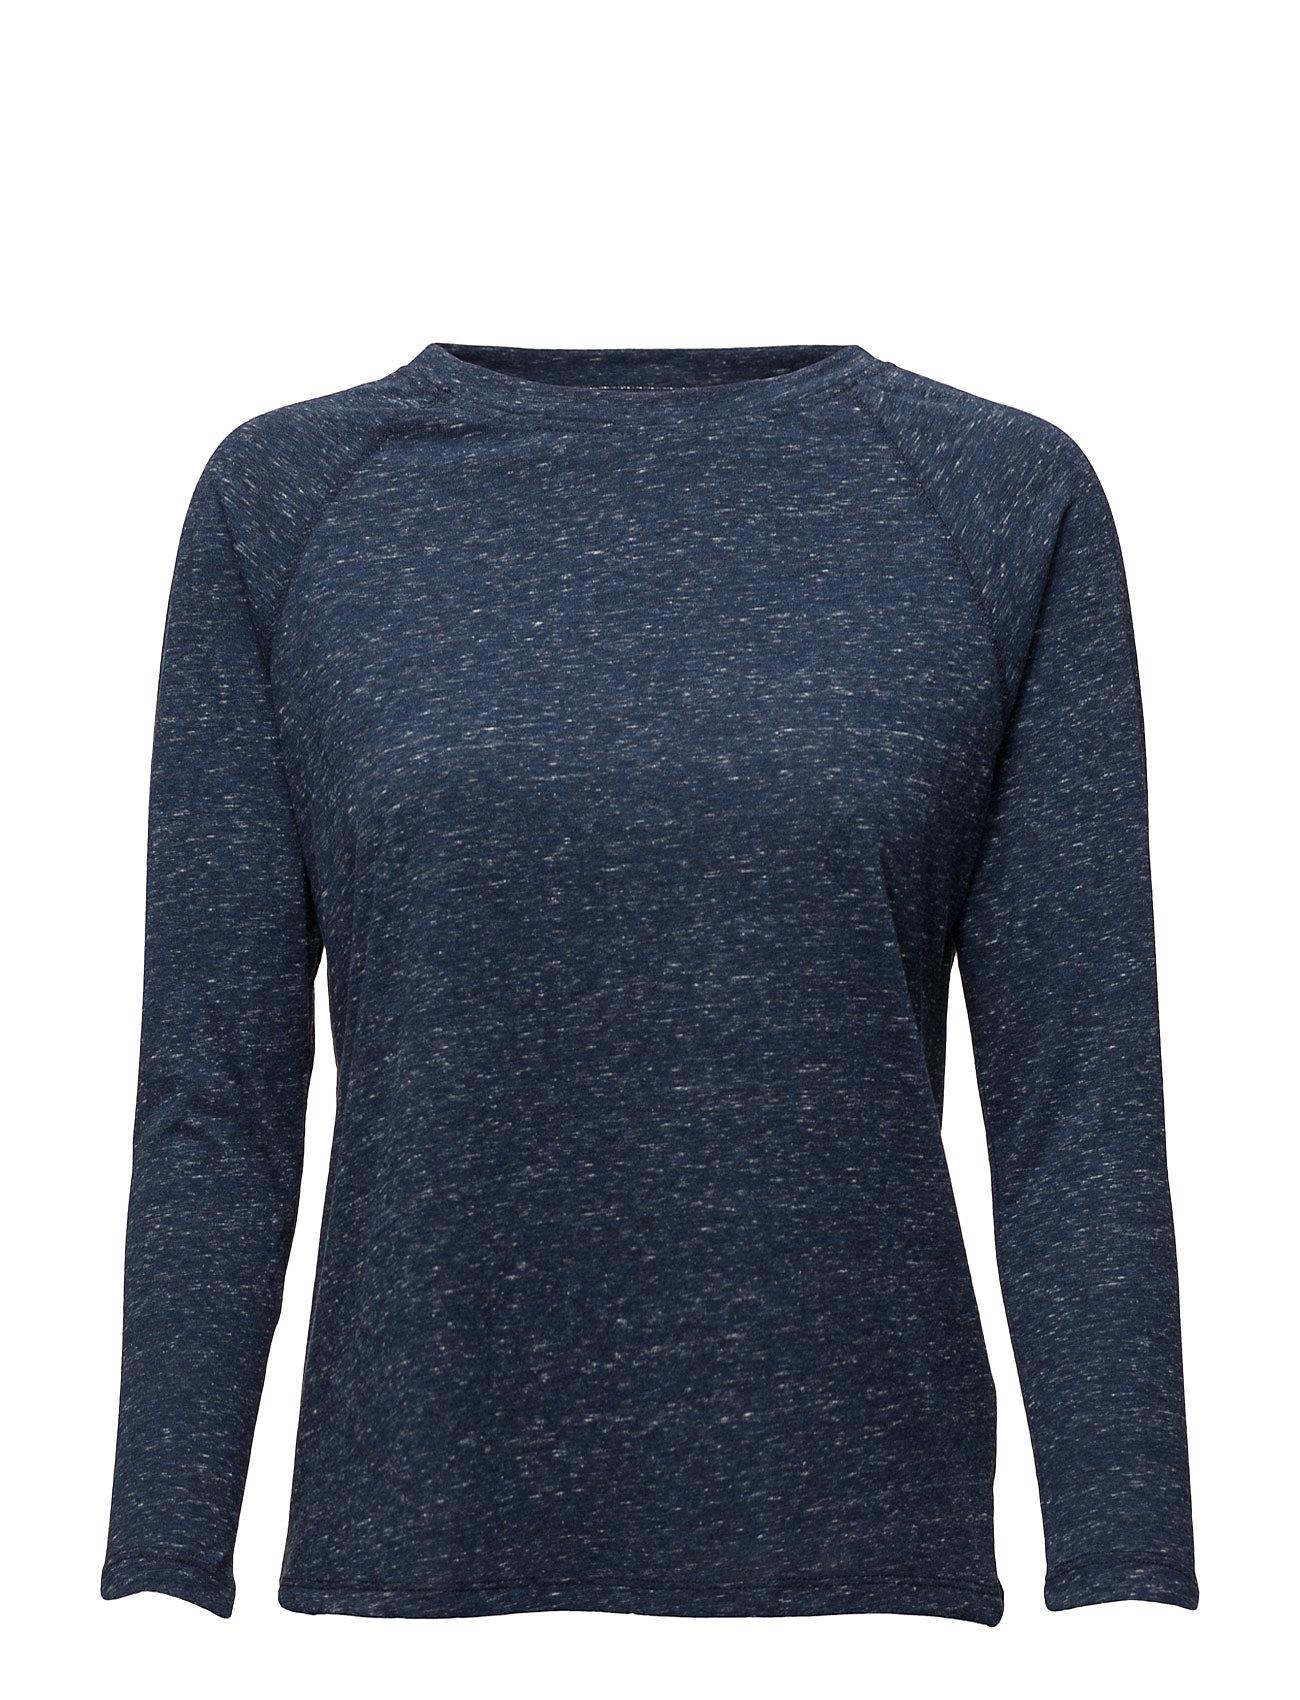 3/4 Sleeve Plain Tee Medieval Blue Lee Jeans  til Damer i